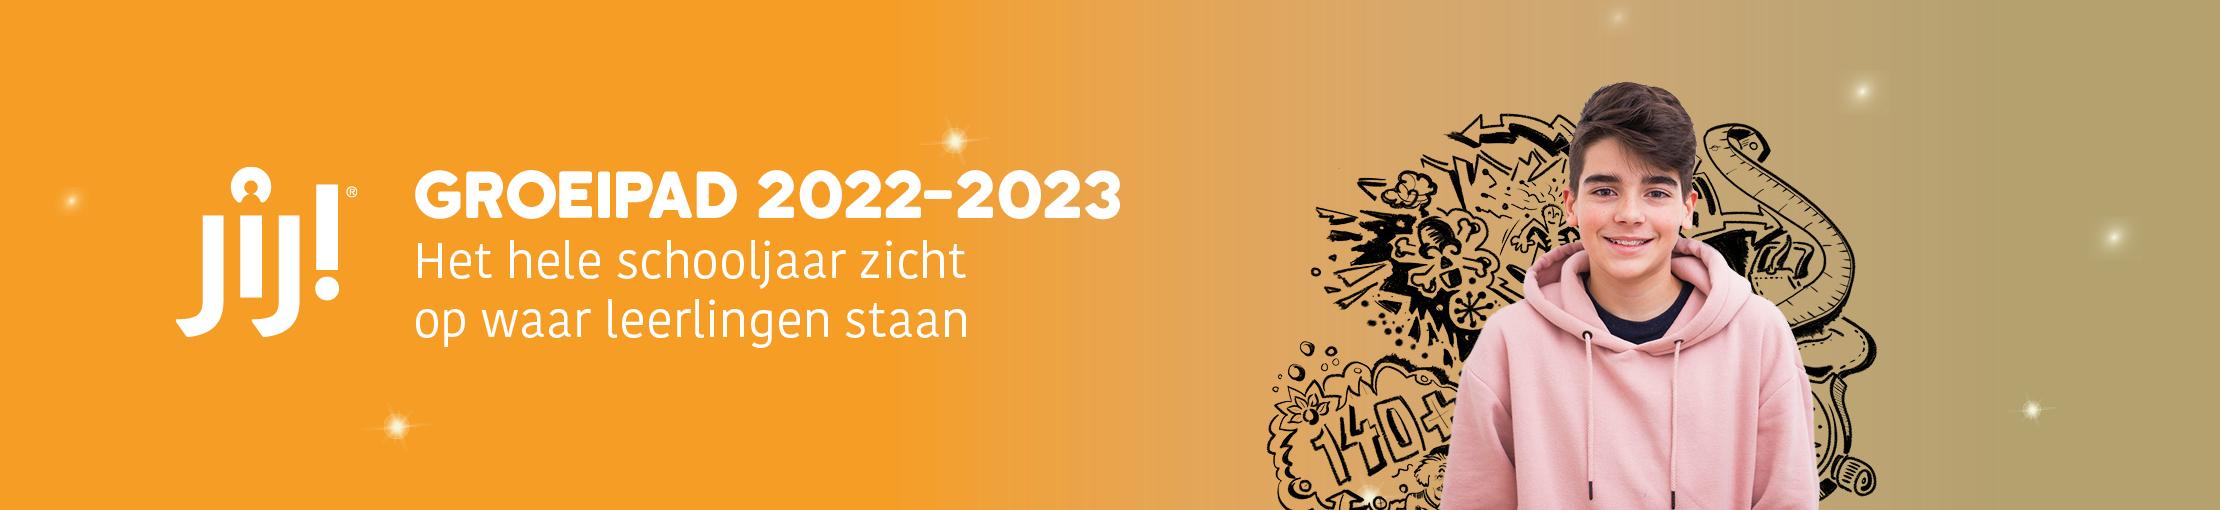 Groeipad 2021-2022 voortgezet onderwijs